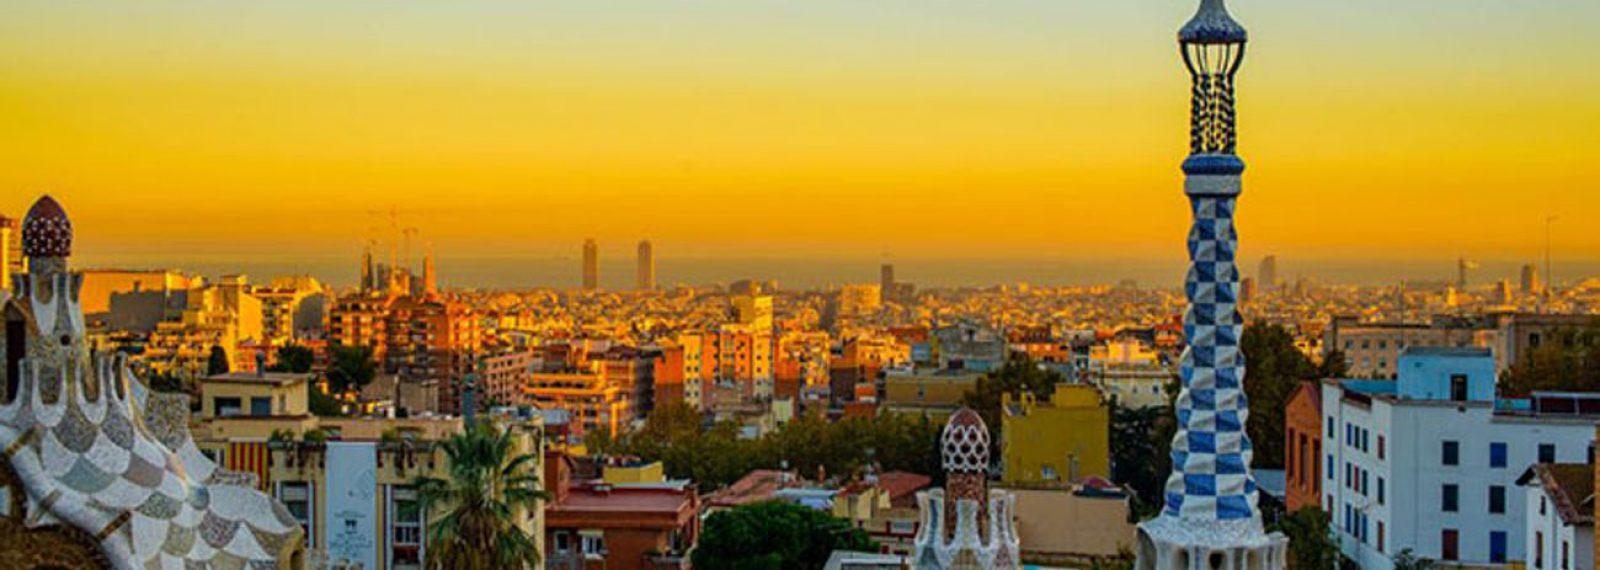 Atardecer-desde-el-parque-Gaudi_web02